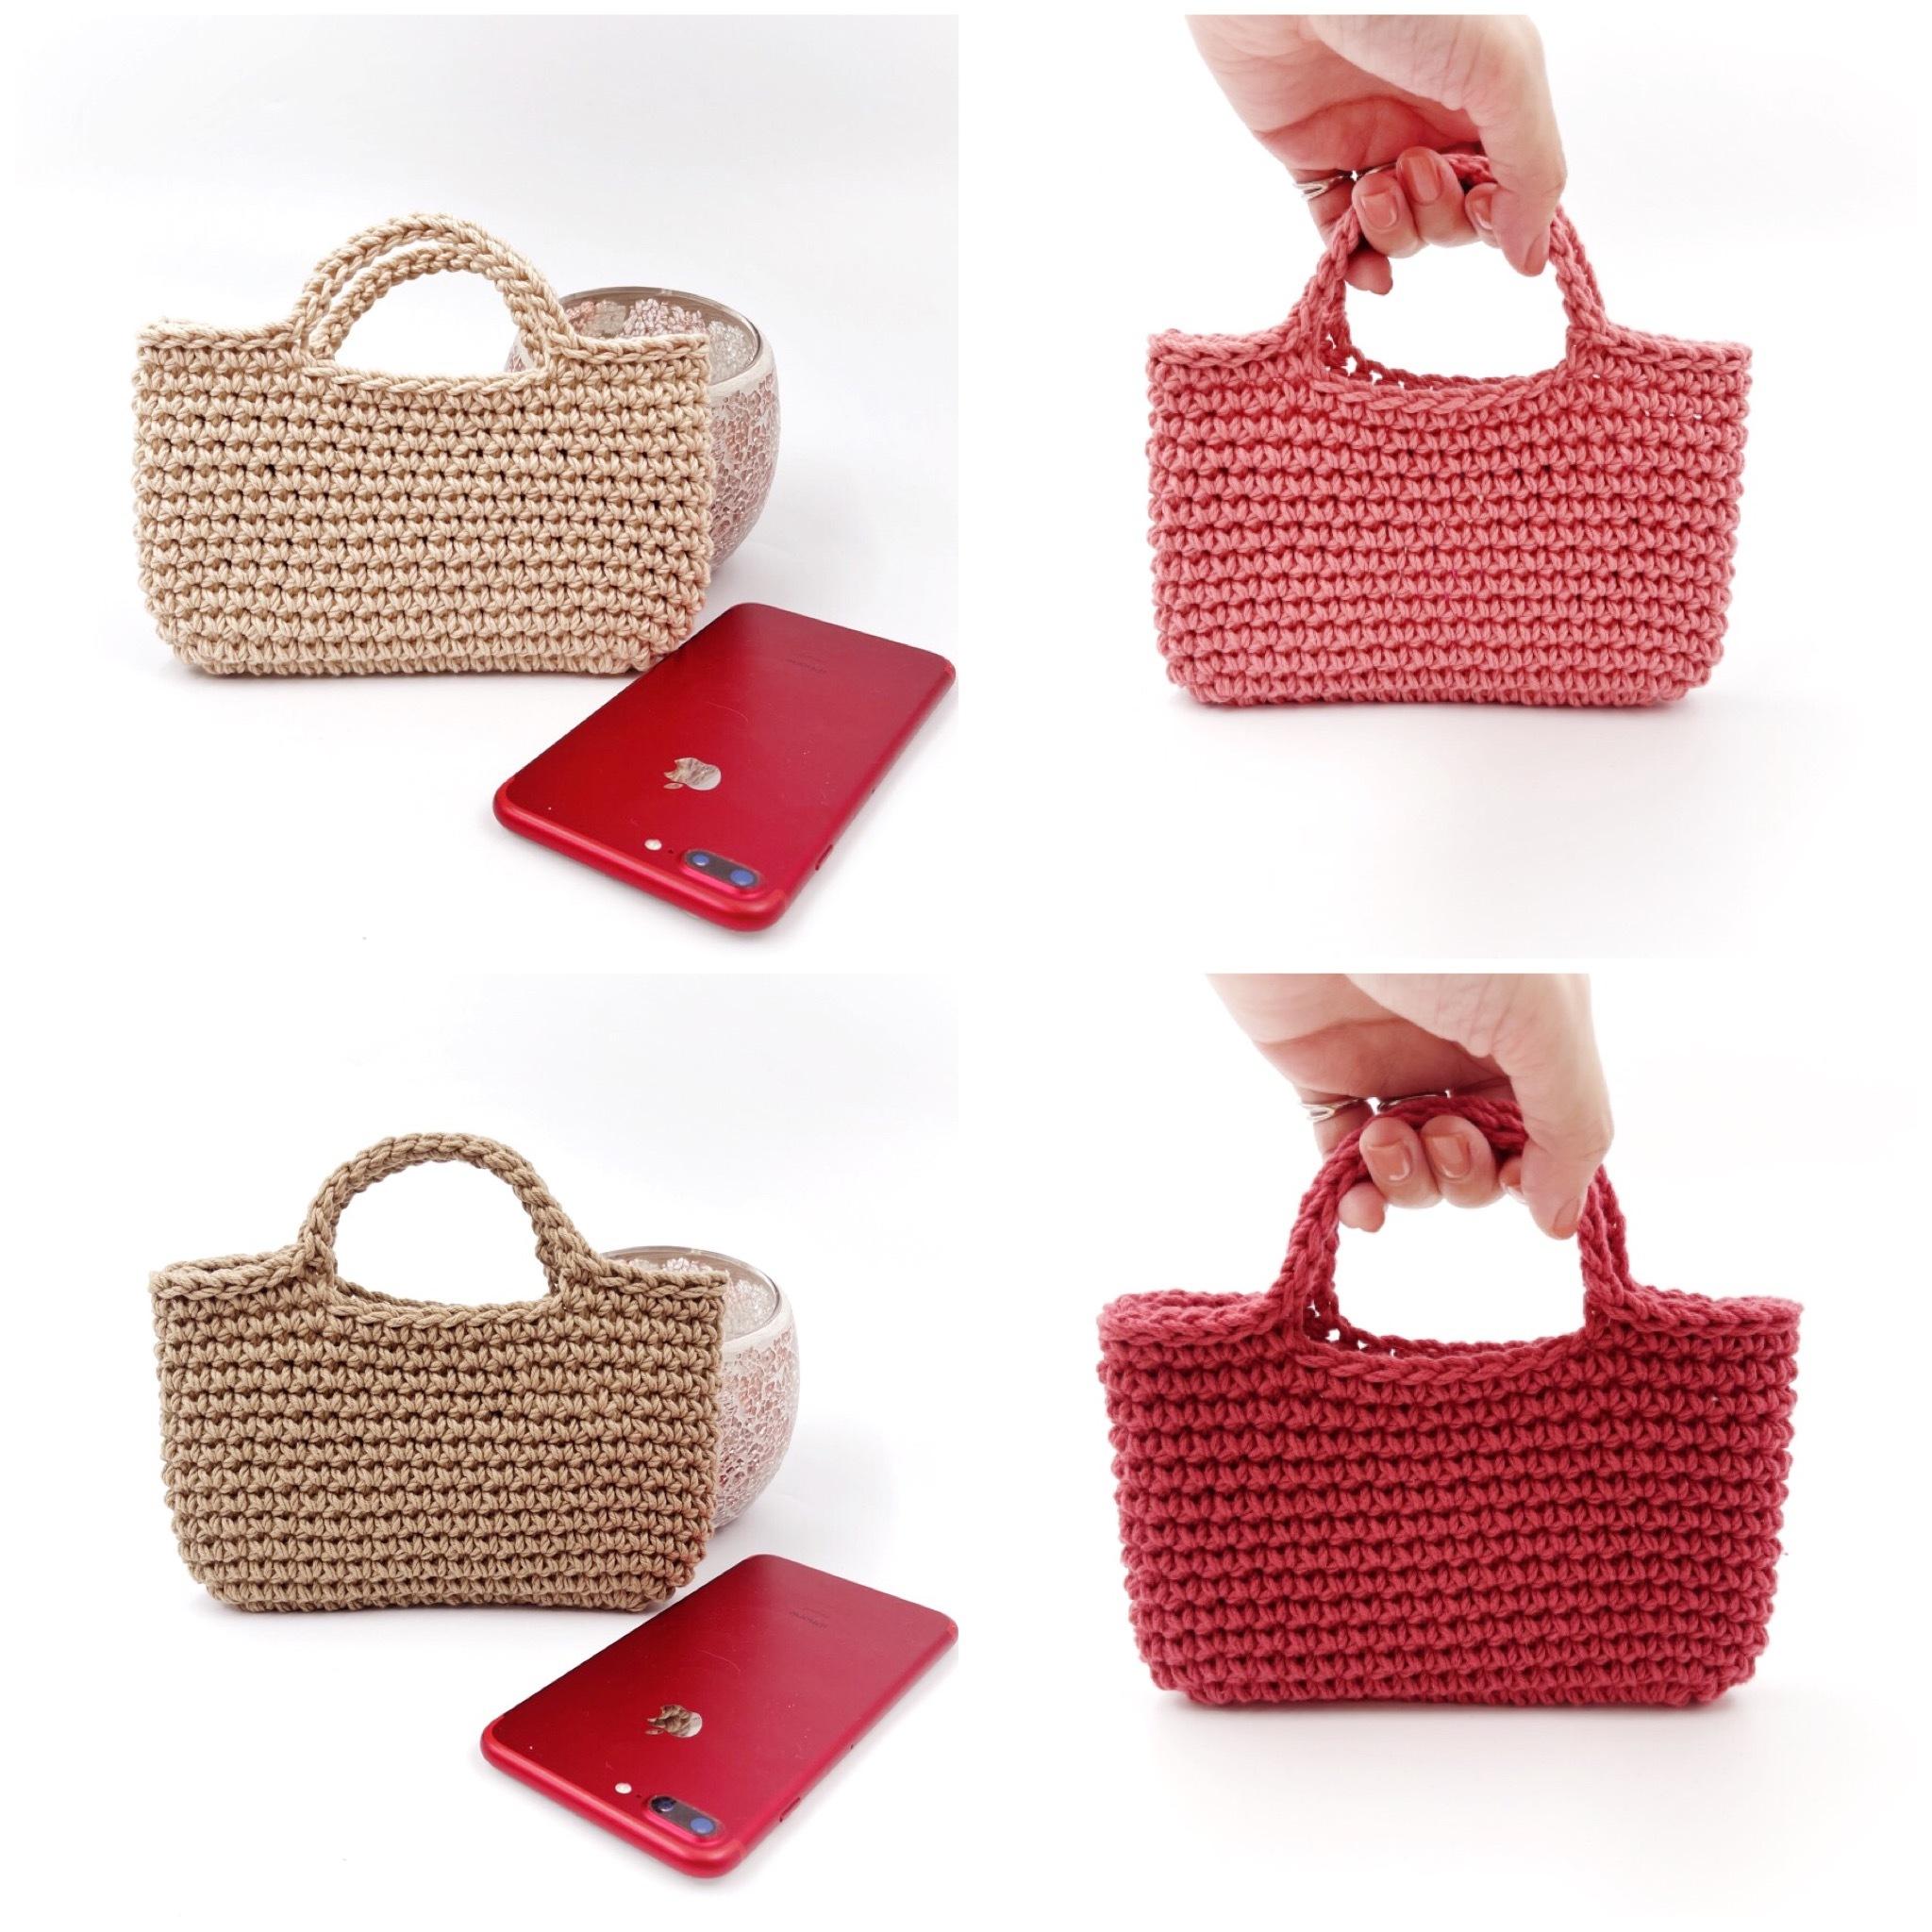 手編み雑貨 HanahanD スマホバッグ スマホポーチ コットンケース